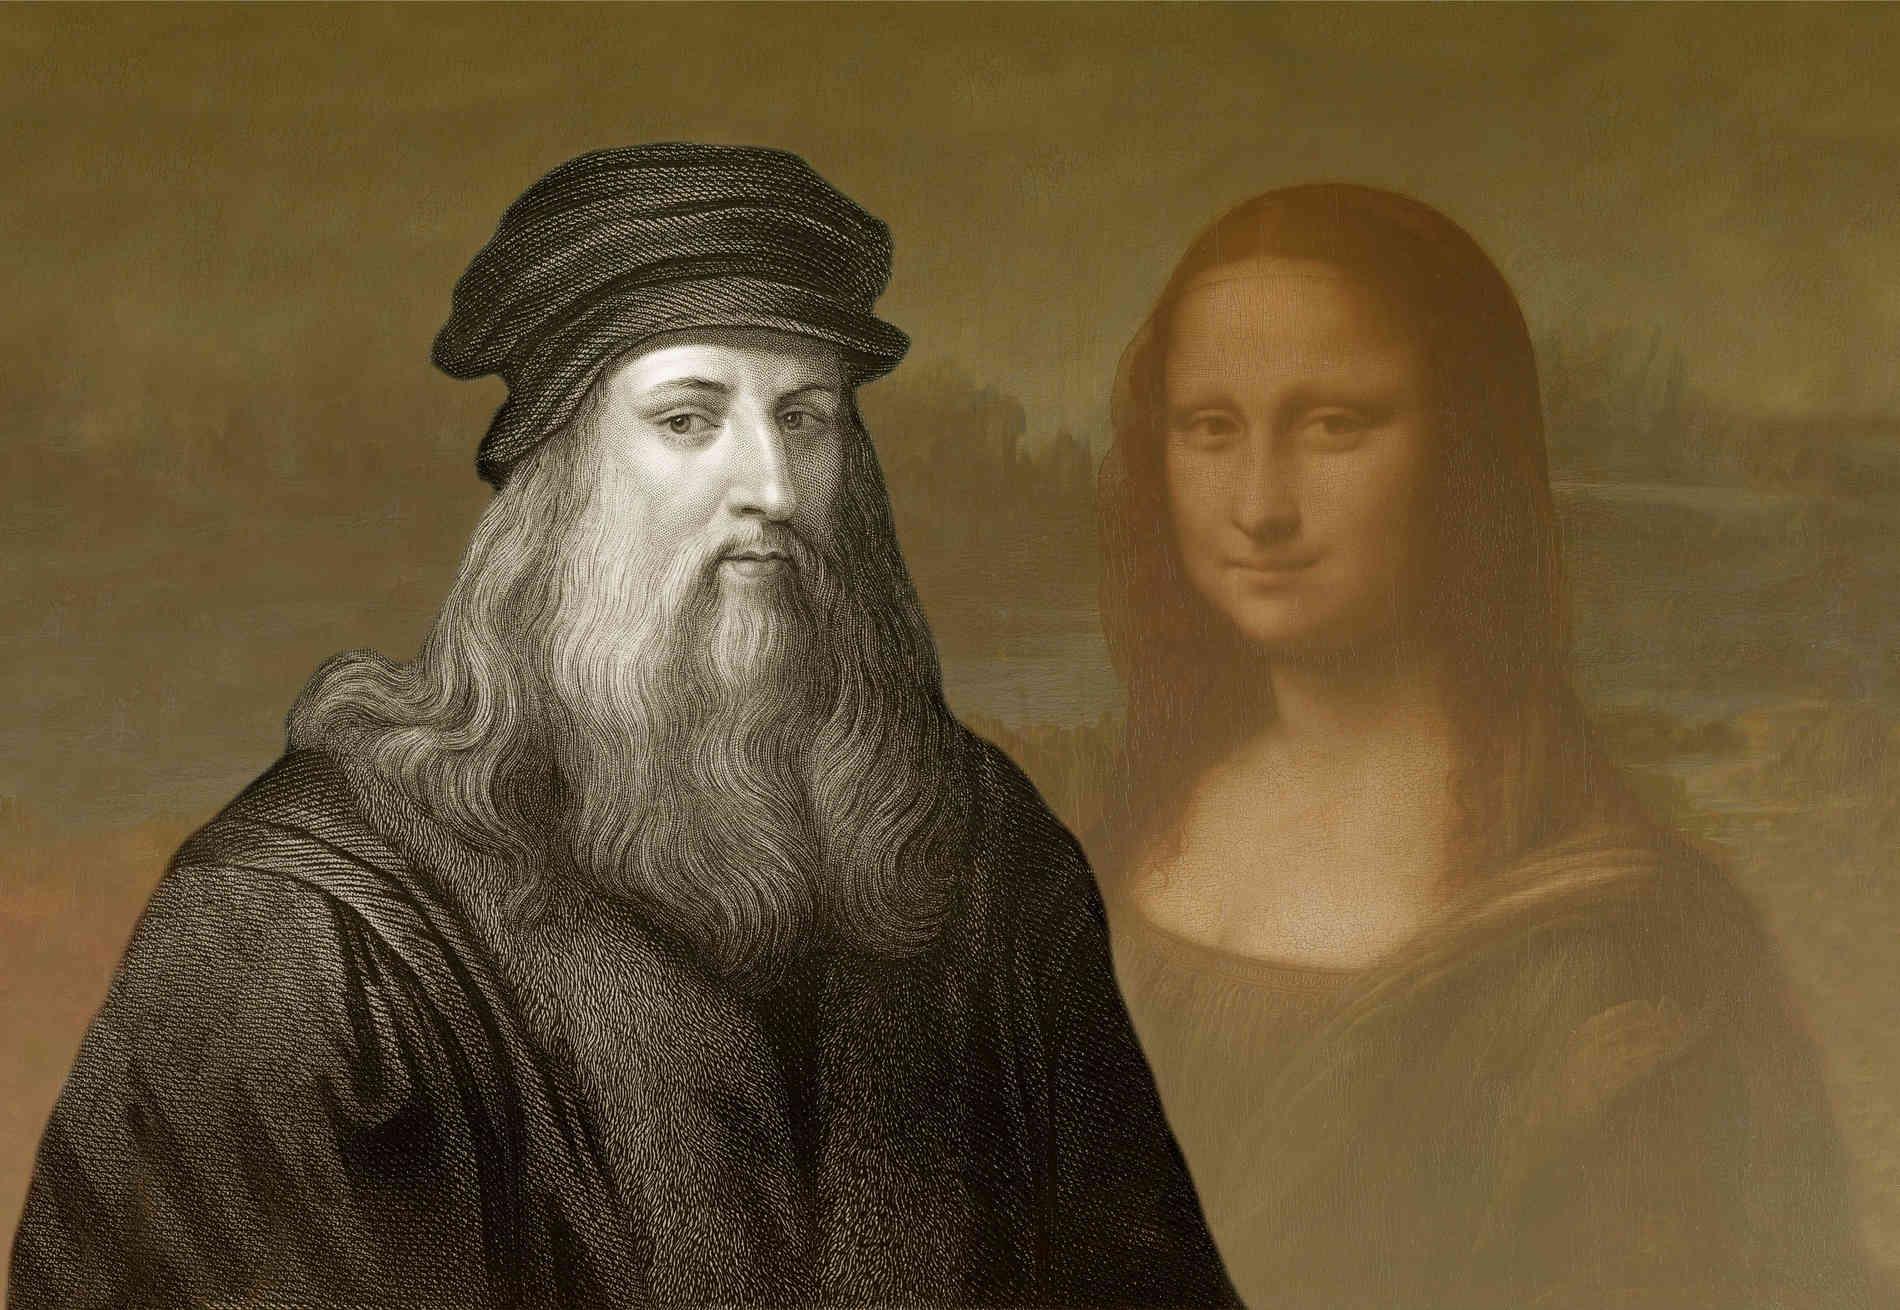 Vor 500 Jahren Gestorben: Das Jahrtausendgenie Leonardo Da Vinci mit Leonardo Da Vinci Familie